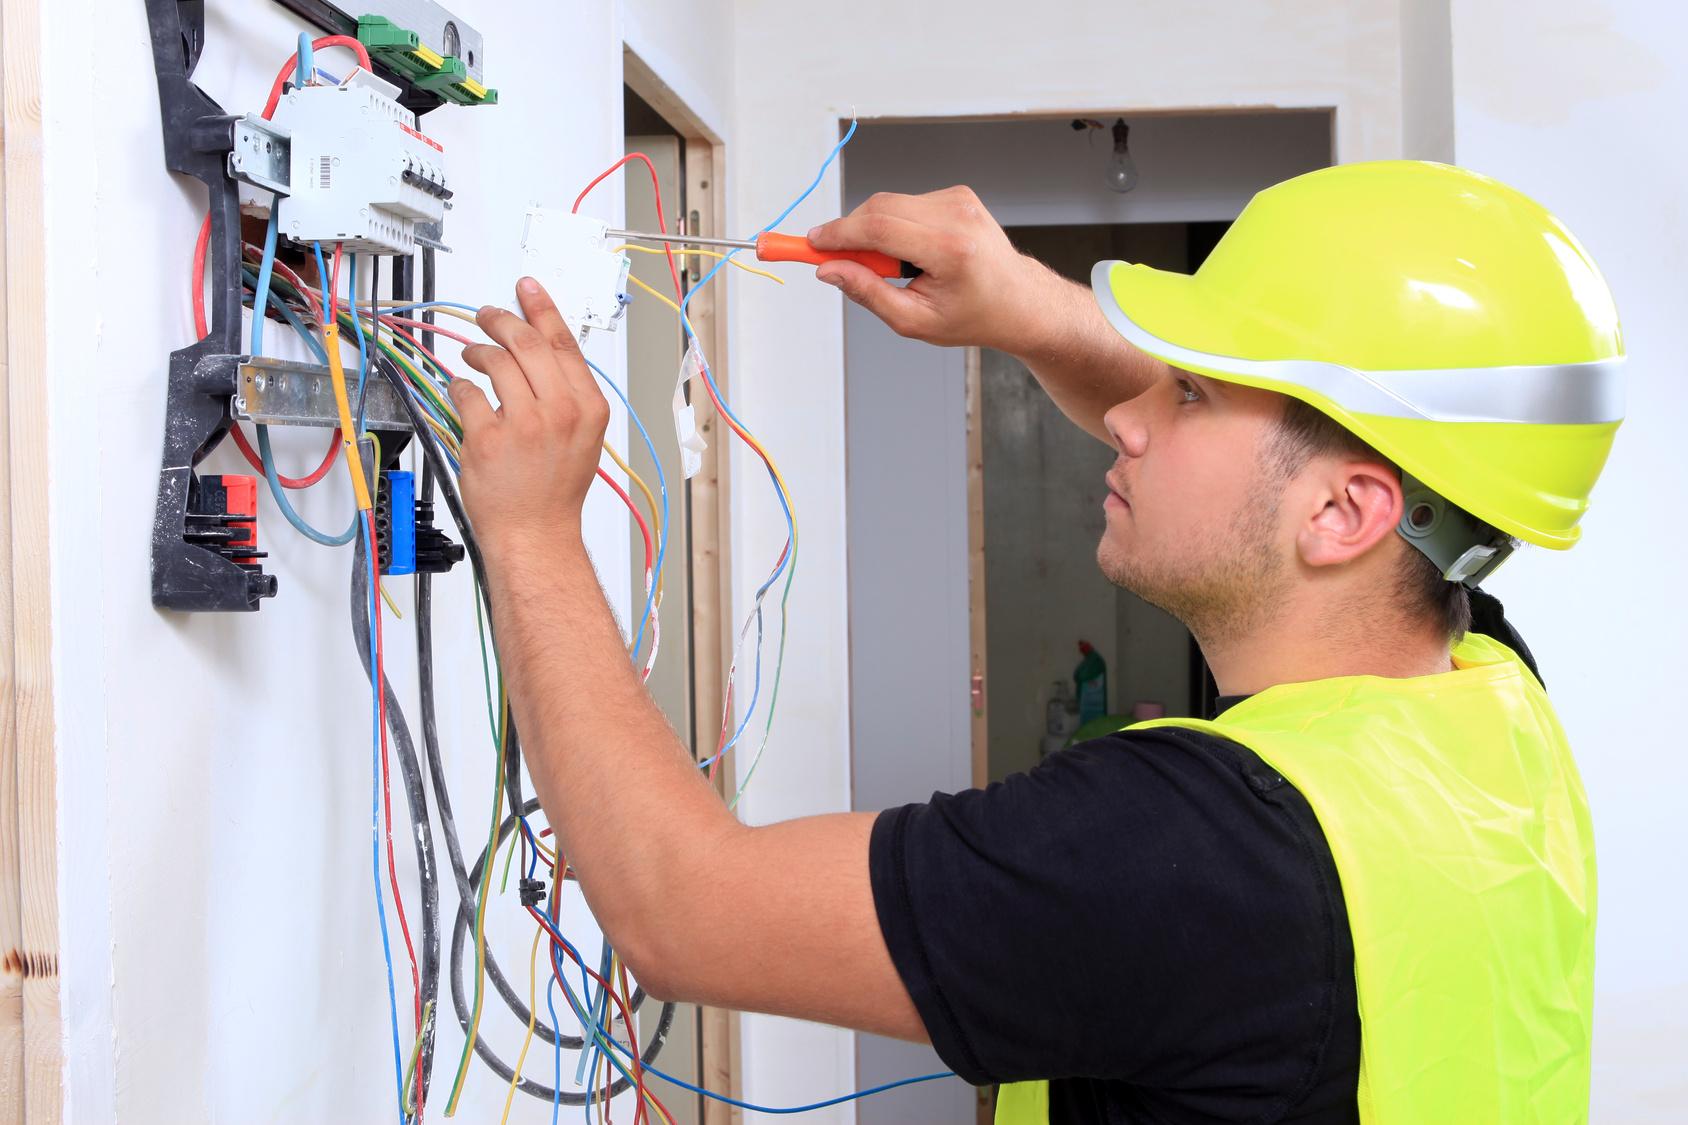 Installation lectrique les conseils pour r nover son for Installation electrique maison pour les nuls